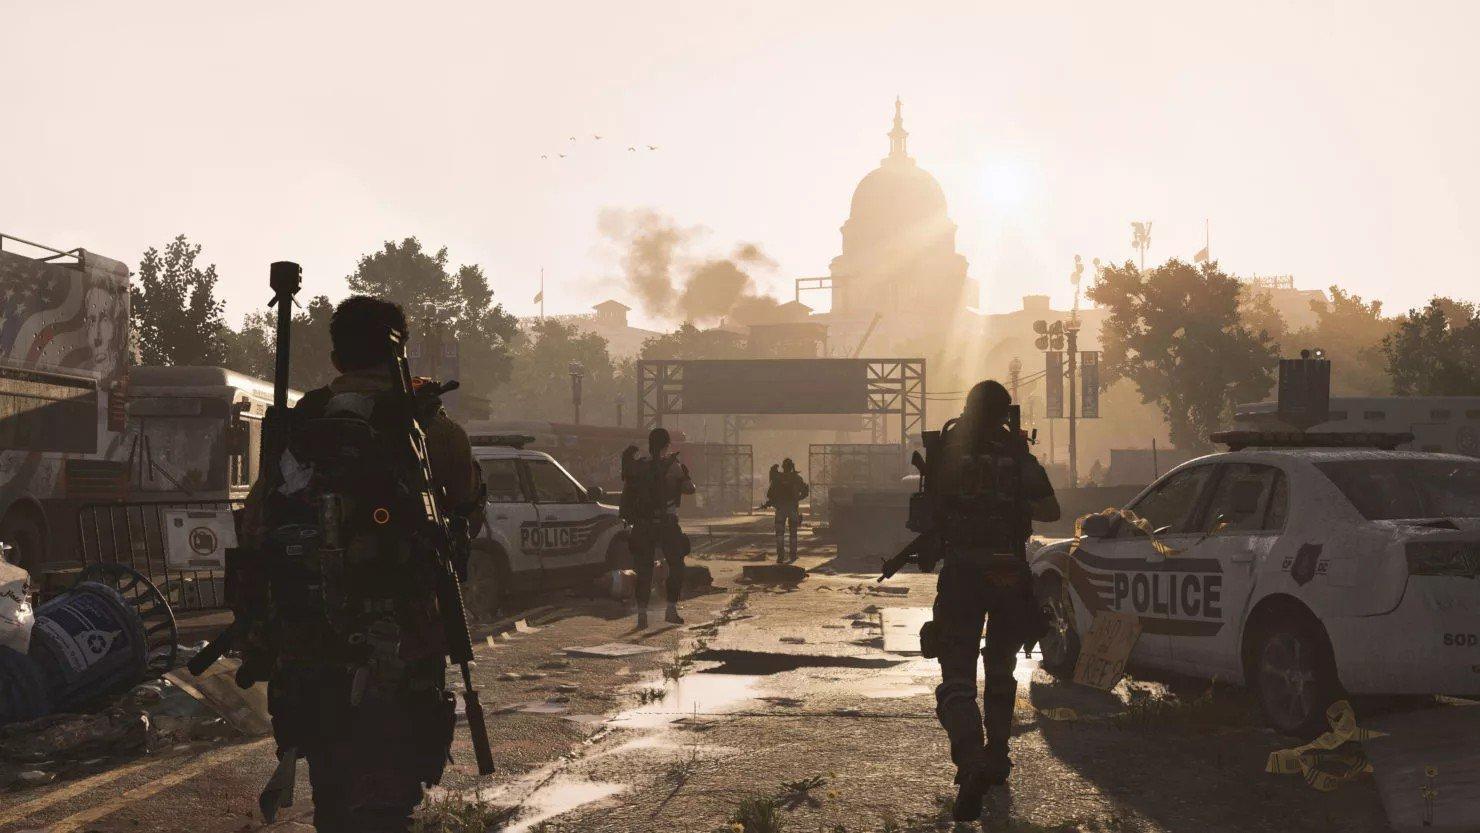 Ubisoft anuncia que The Division estará disponible durante una semana para descargarlo de forma gratuita